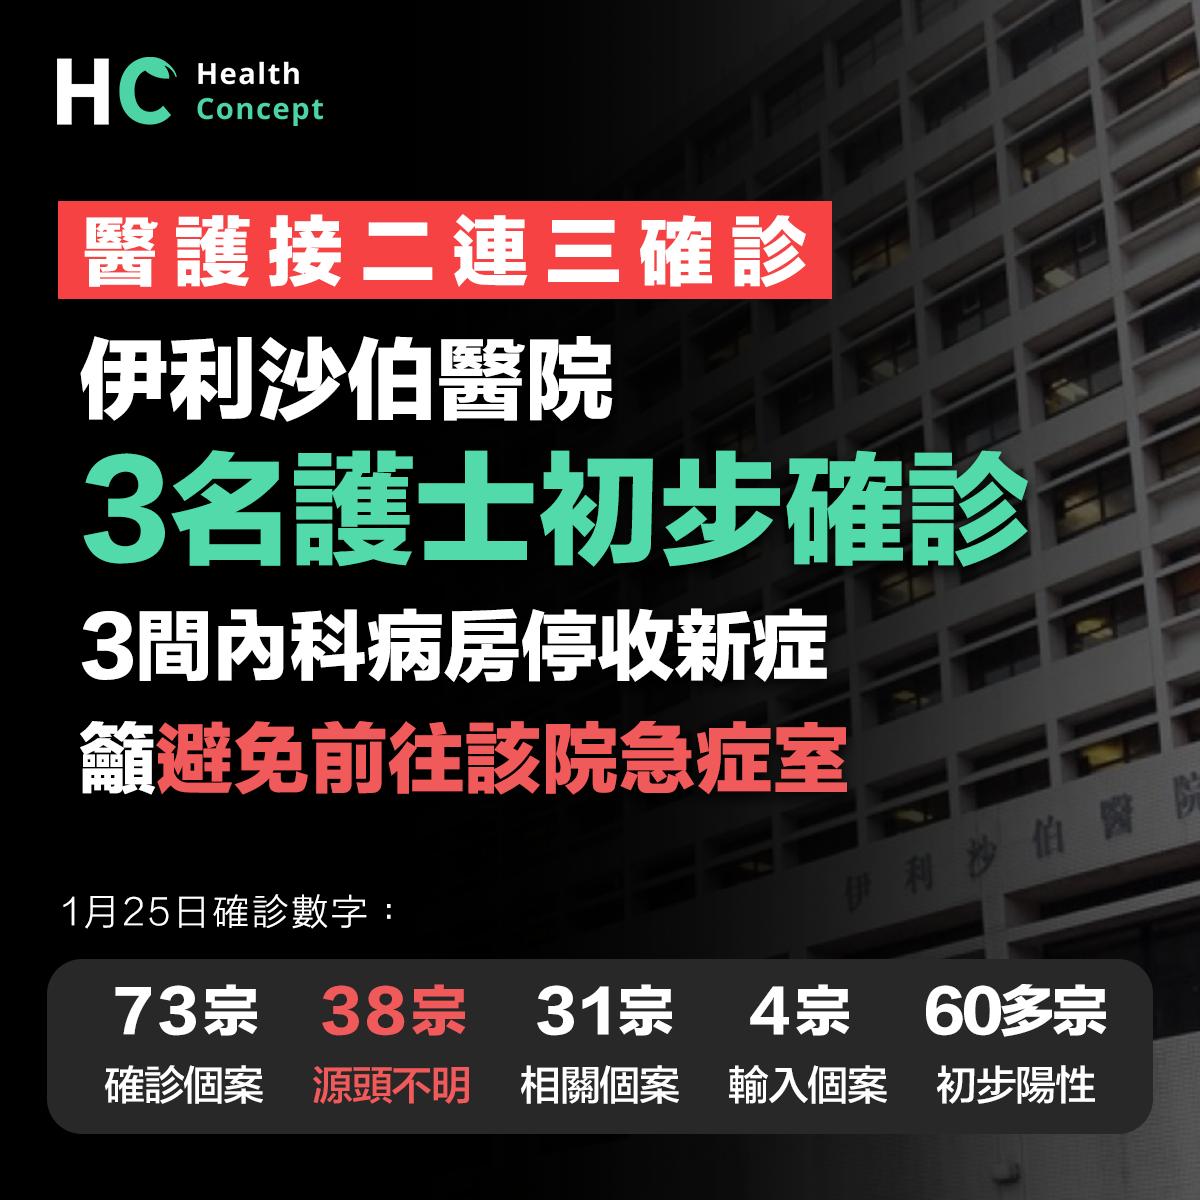 新增73宗確診個案 伊院3護士初步確診